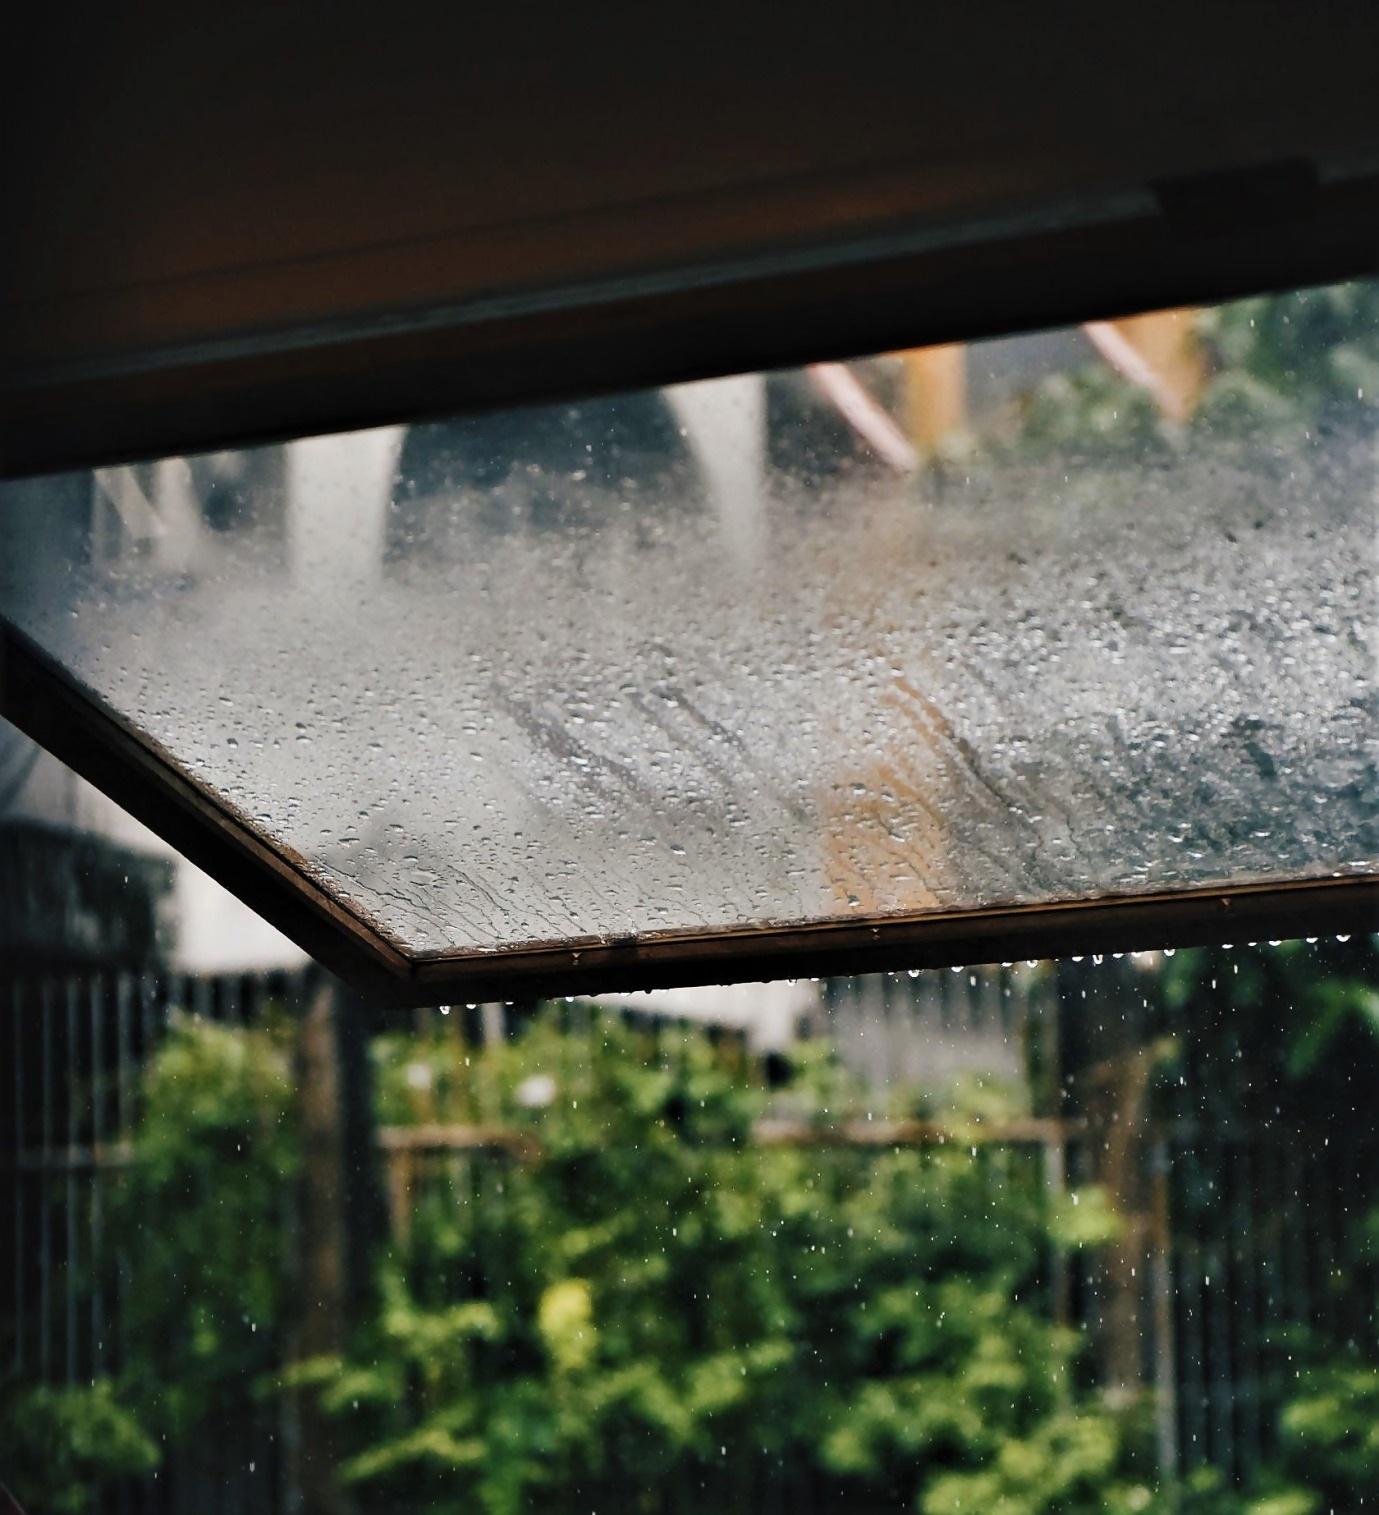 Kuidas leida põnevust sombuste ilmade ajal: 11 huvitavat tegevust